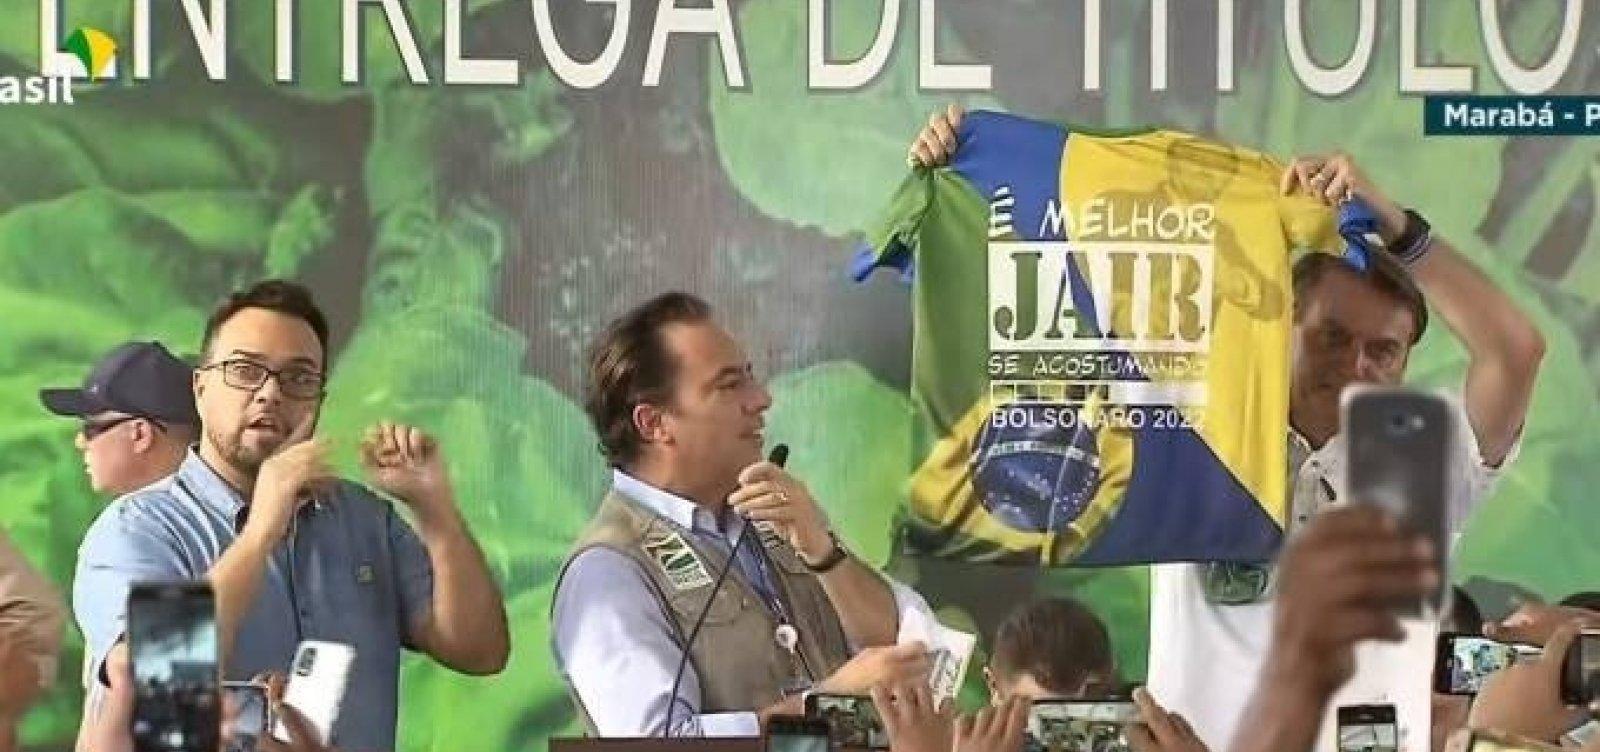 """Bolsonaro exibe camisa e aponta campanha para 2022: """"Melhor Jair se acostumando"""""""